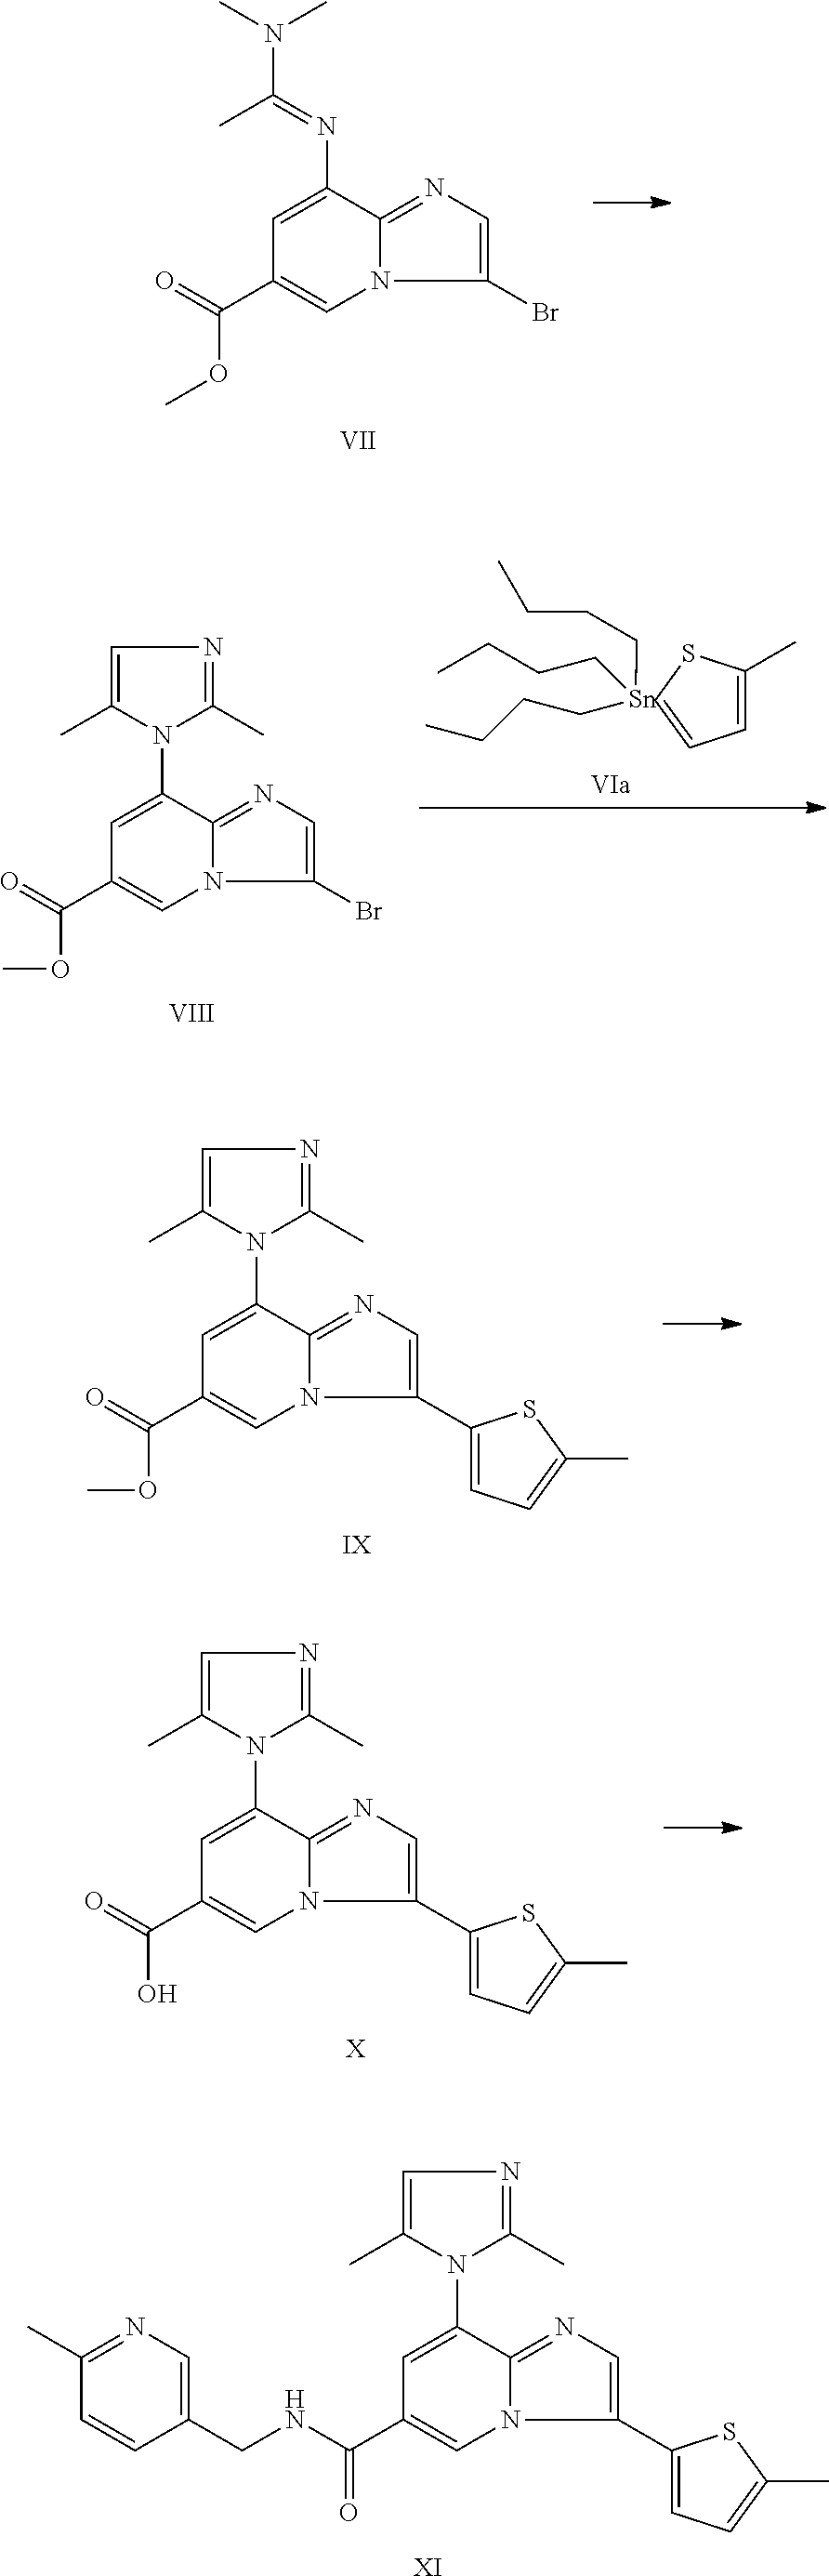 Figure US09908879-20180306-C00036